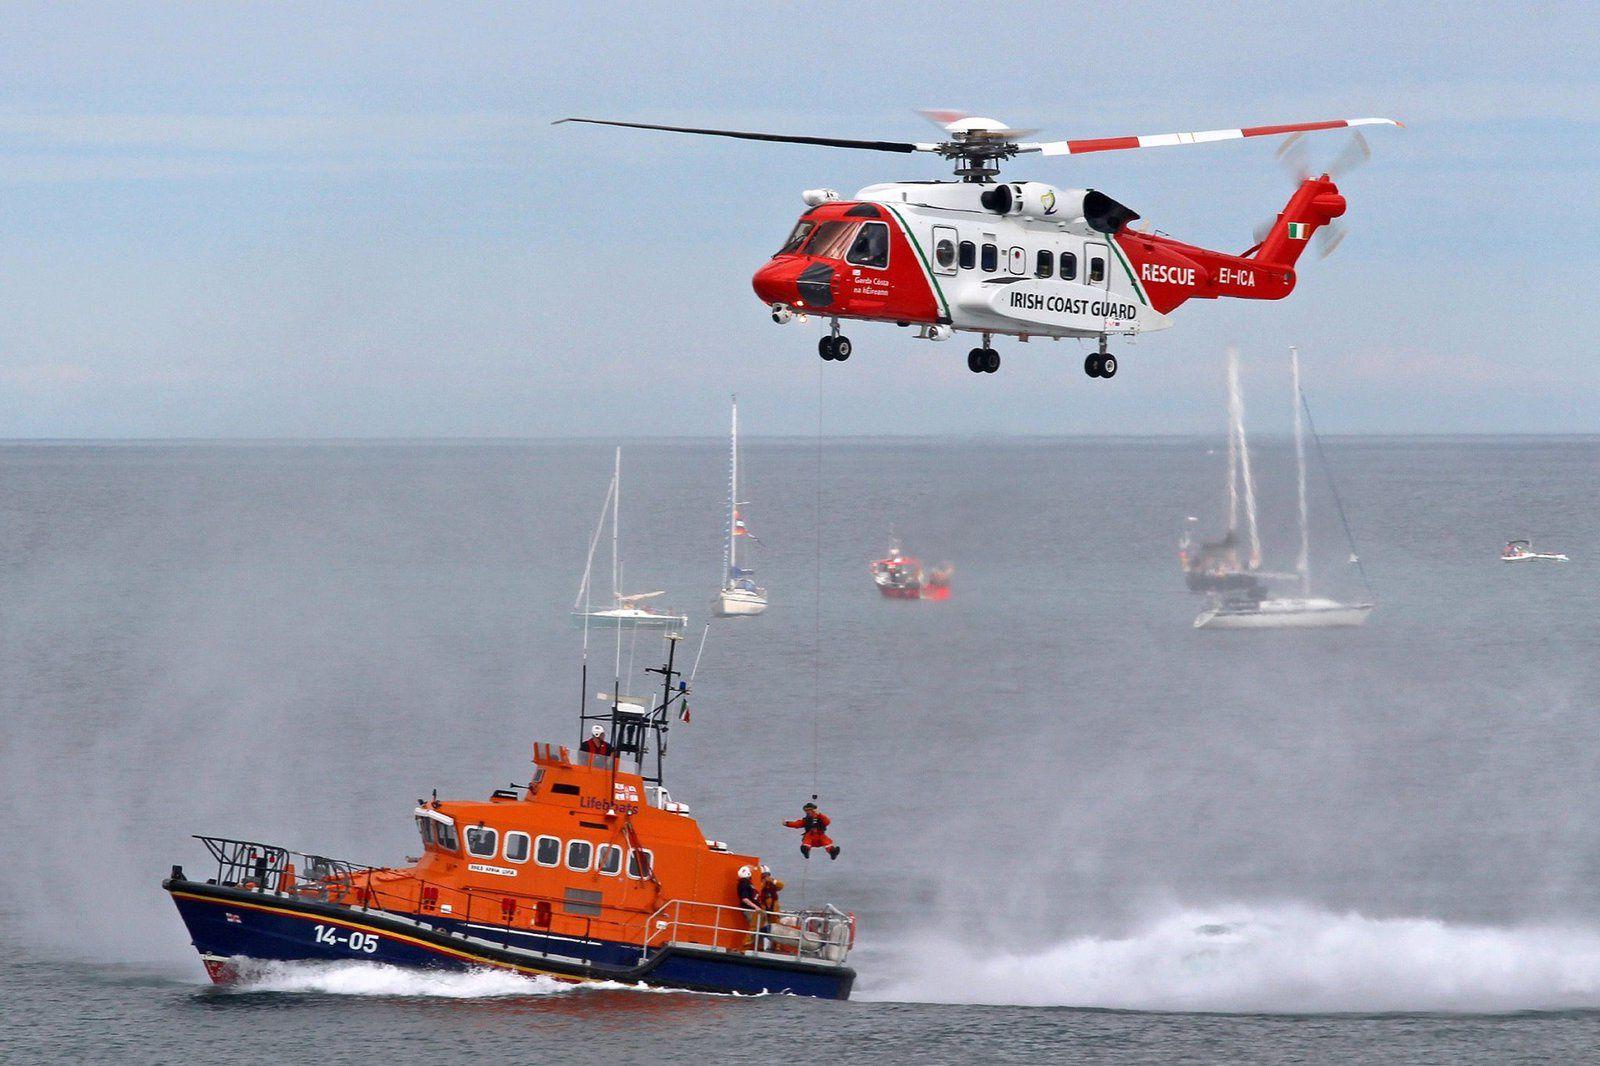 Un hélicoptère S-92 des Gardes-Côtes irlandais s'est abîmé dans l'océan Atlantique nord